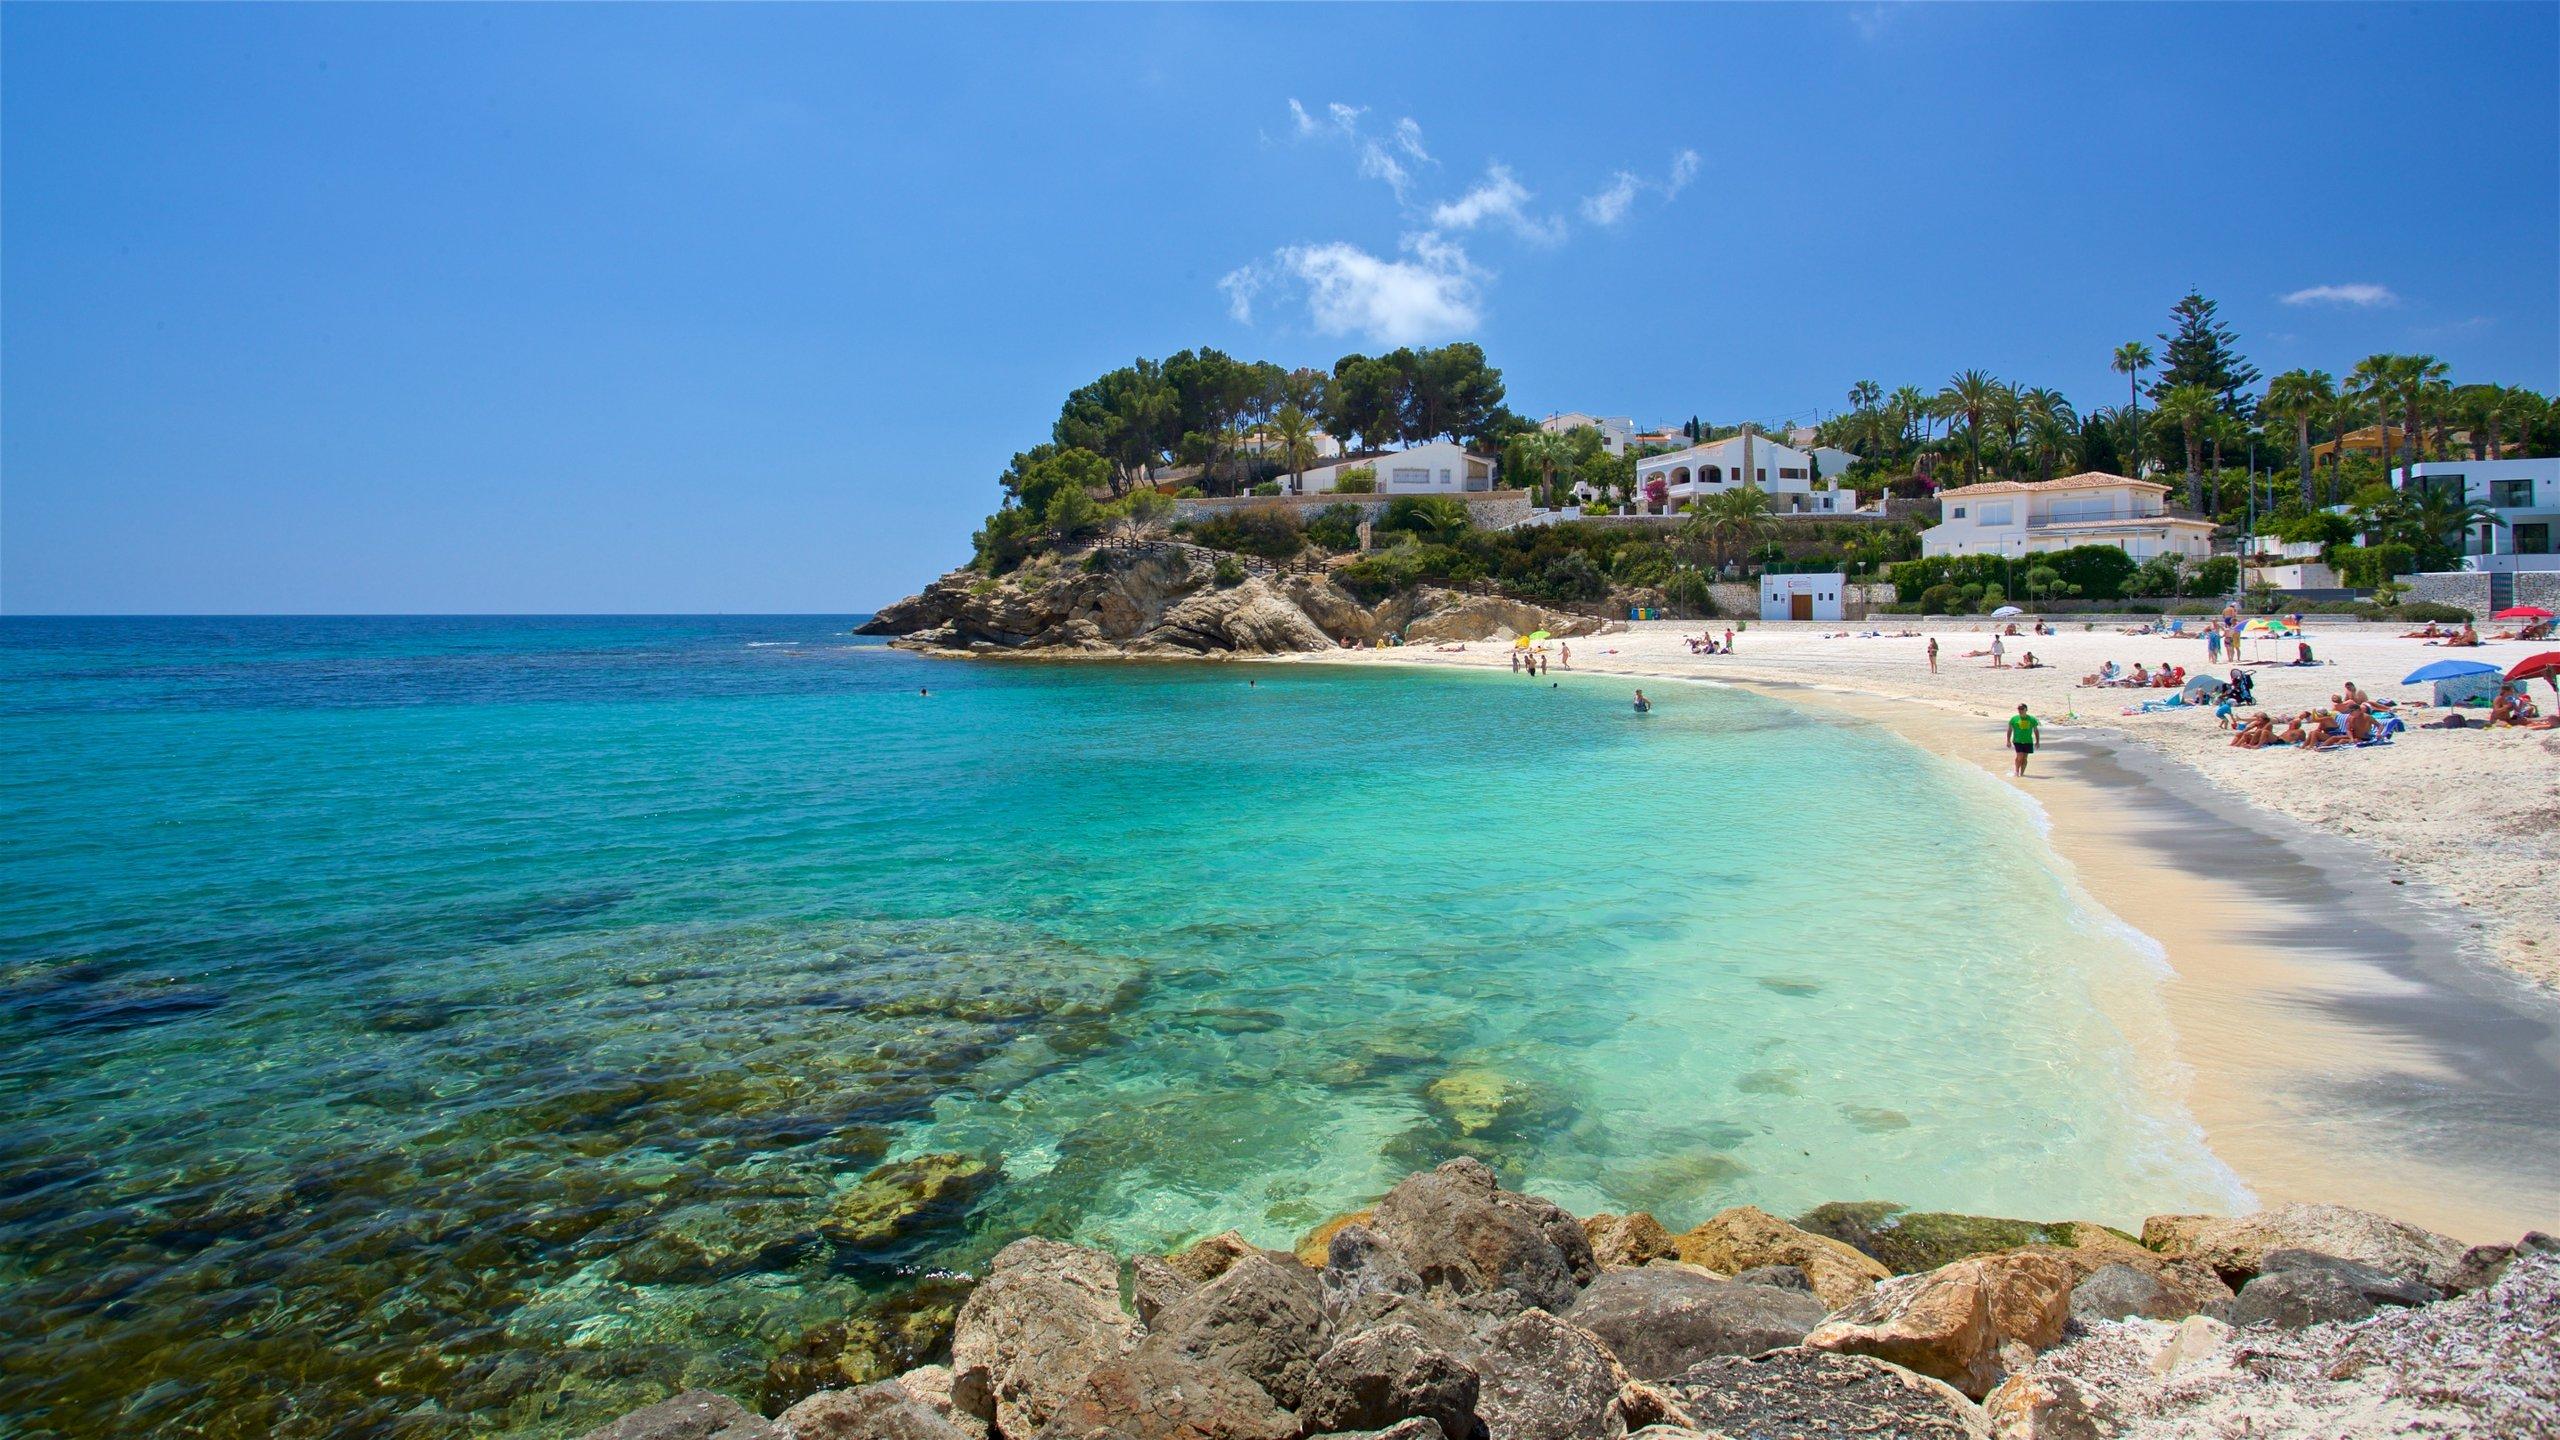 Küste von Benissa, Benissa, Valencianische Gemeinschaft, Spanien